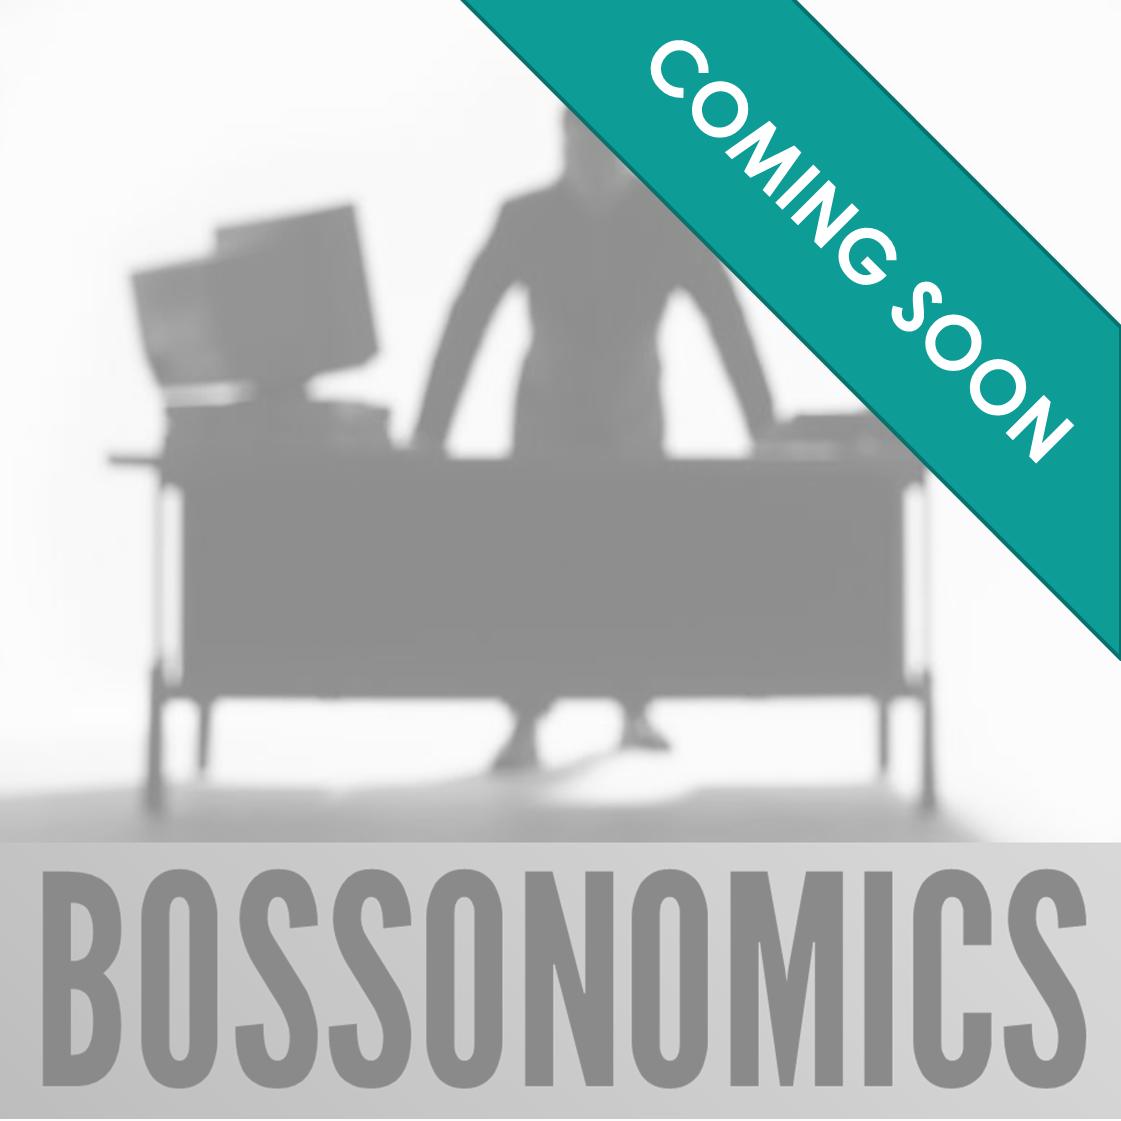 Bossonomics